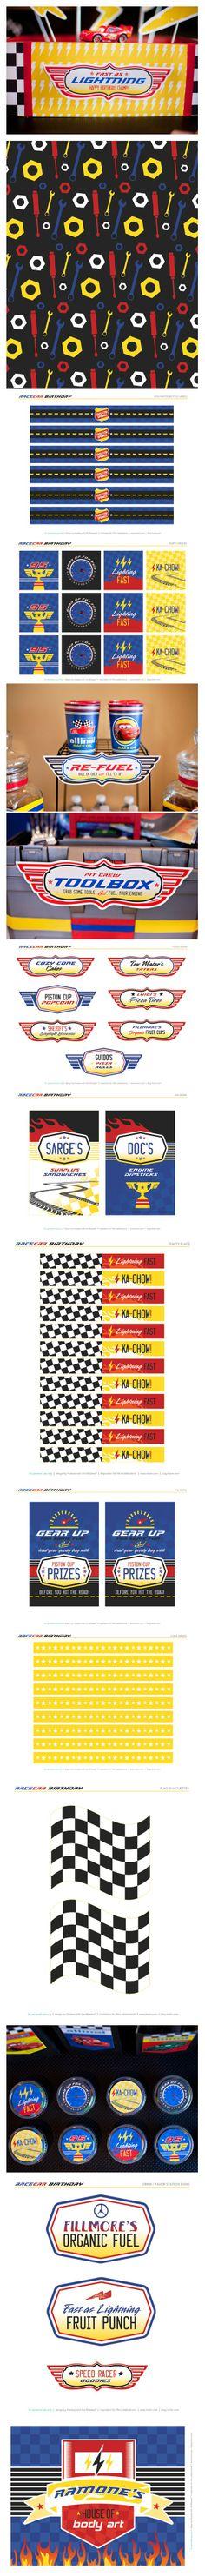 un kit complet pour une fête, mais aussi beaucoup de choses à utiliser dans nos albums : papier, cartes et motifs divers plairont à tous les fans de Cars !...